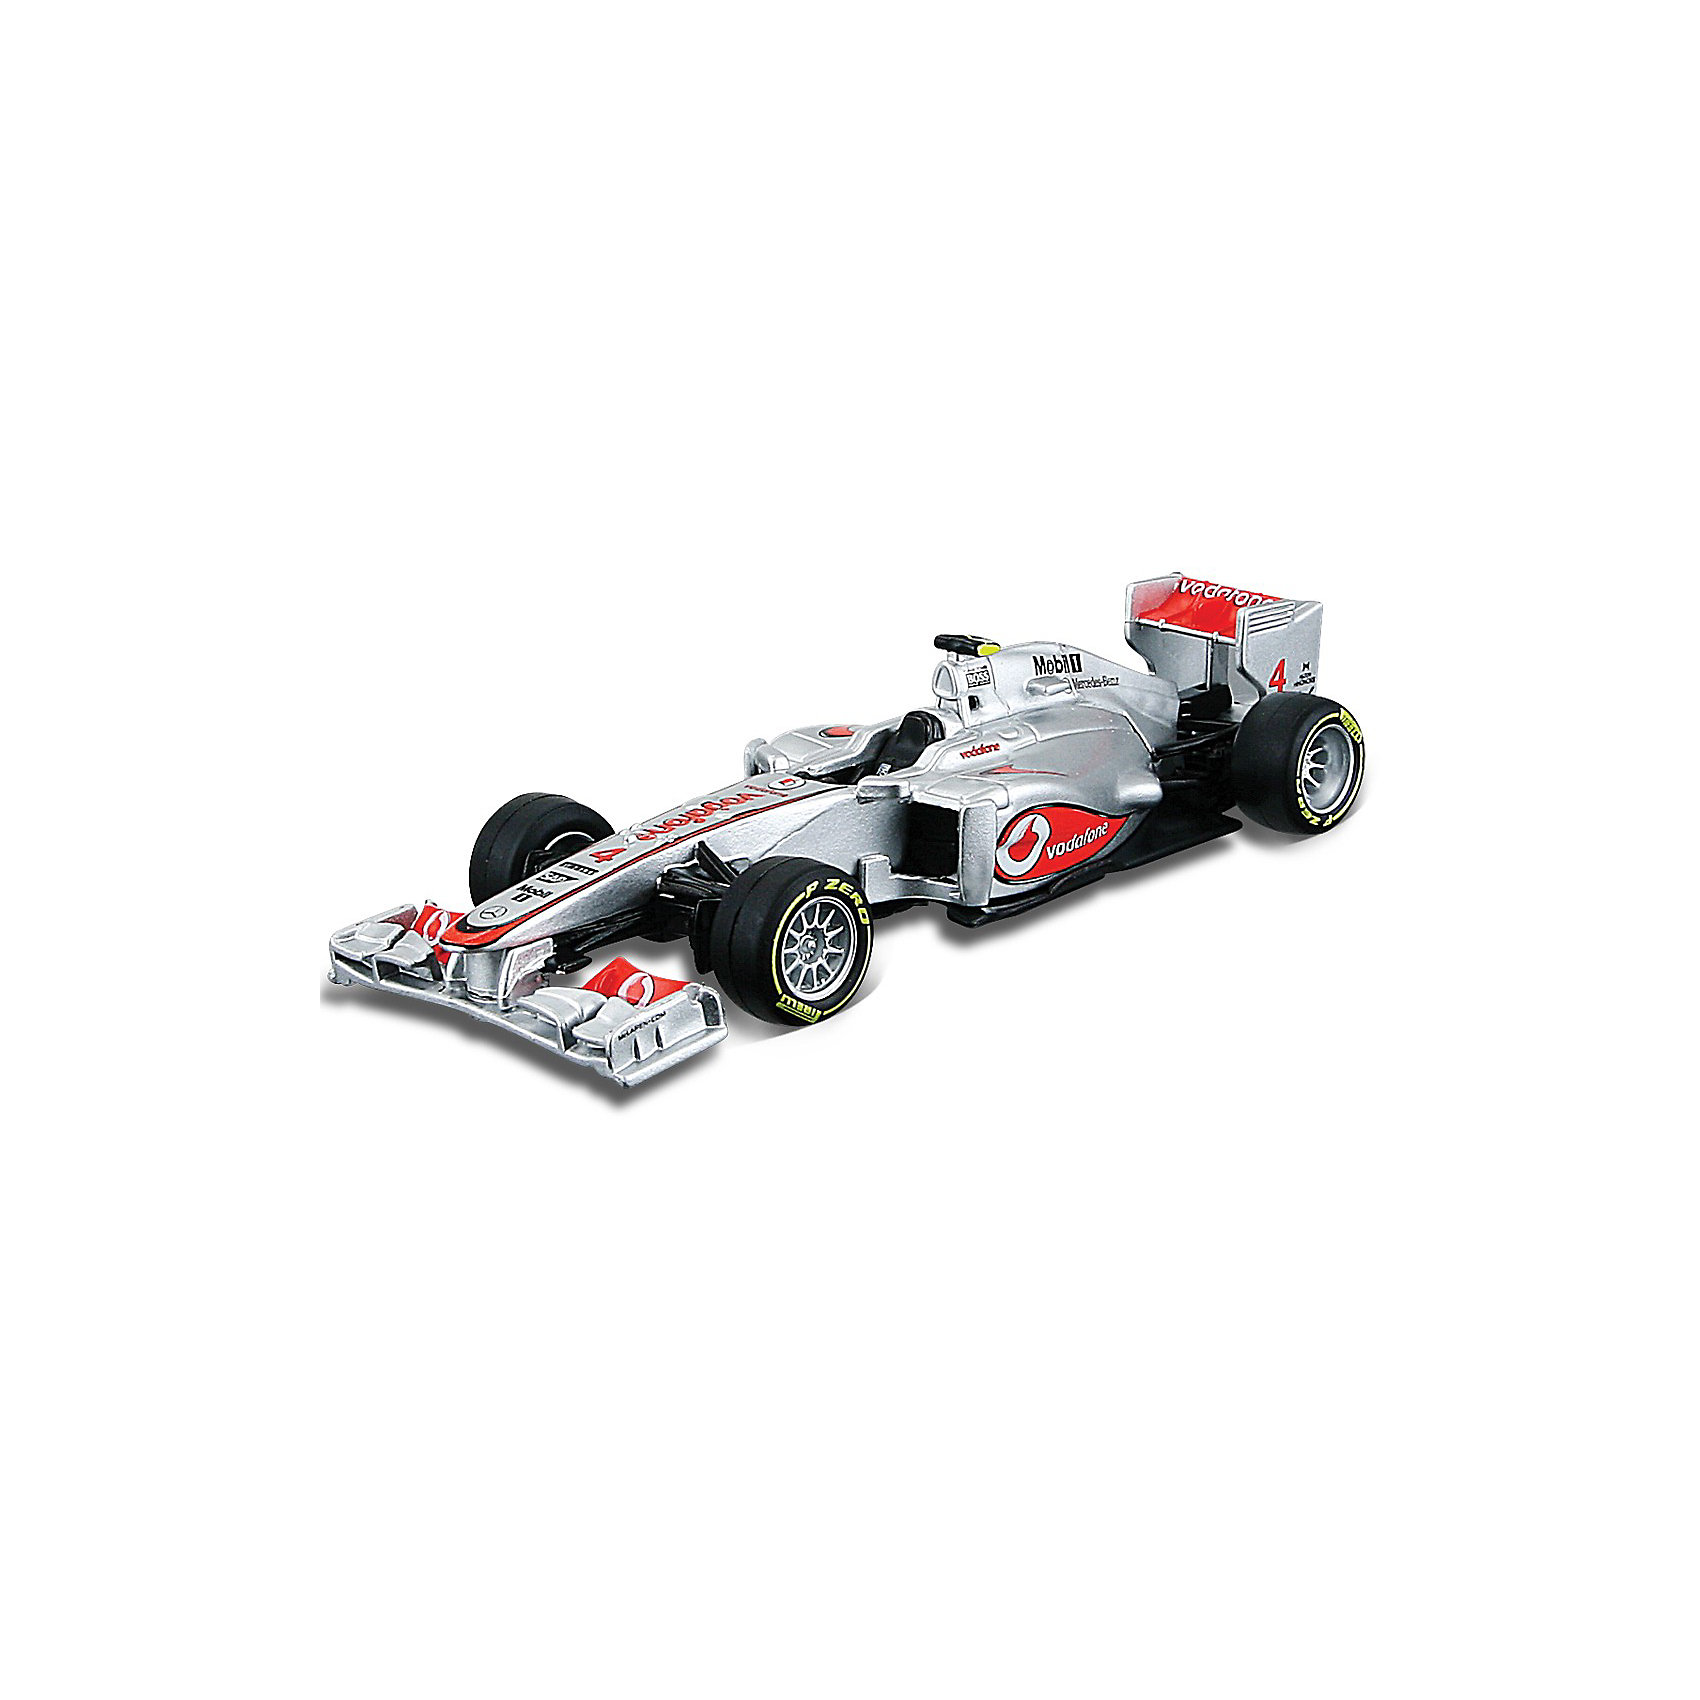 Машина Формула-1 Команда 2012 McLaren металл.,1:32, BburagoМашинки<br>Машина Формула-1 Команда 2012 McLaren металл.,1:32, Bburago (Бураго).<br>Компания Bburago – мировой лидер в производстве коллекционных  моделей автомобилей.  <br>Более 30 лет профессиональные дизайнеры Bburago разрабатывают точные копии современных машин и ретро машин известных марок.<br><br>McLaren - одна из самых старейших и самых успешных команд Формулы-1. С момента своего появления в чемпионате в 1966 году пилоты McLaren регулярно числятся в претендентах на победы.<br><br>Миниатюрная копия настоящего гоночного болида McLaren, участвовавшего в соревнованиях Формула-1, выполнена в масштабе 1:32<br>При игре с машинкой Формула-1 Команда 2012 McLaren у ребенка совершенствуется воображение, формируется здоровое чувство соперничества, улучшается игровая активность.<br><br>Модели гоночных автомобилей непременно понравятся всем поклонникам гоночного спорта любого возраста!<br><br>Дополнительная информация:<br><br>- Материал: металл и пластик<br>- Масштаб: 1:32<br>- Размеры упаковки: 16,9 х 10 х 7 см<br>- Вес: 0,32 кг<br><br>Игрушку Машина Формула-1 Команда 2012 McLaren металл.,1:32, Bburago можно купить в нашем интернет-магазине.<br><br>Ширина мм: 169<br>Глубина мм: 70<br>Высота мм: 99<br>Вес г: 325<br>Возраст от месяцев: 36<br>Возраст до месяцев: 1188<br>Пол: Мужской<br>Возраст: Детский<br>SKU: 3192892